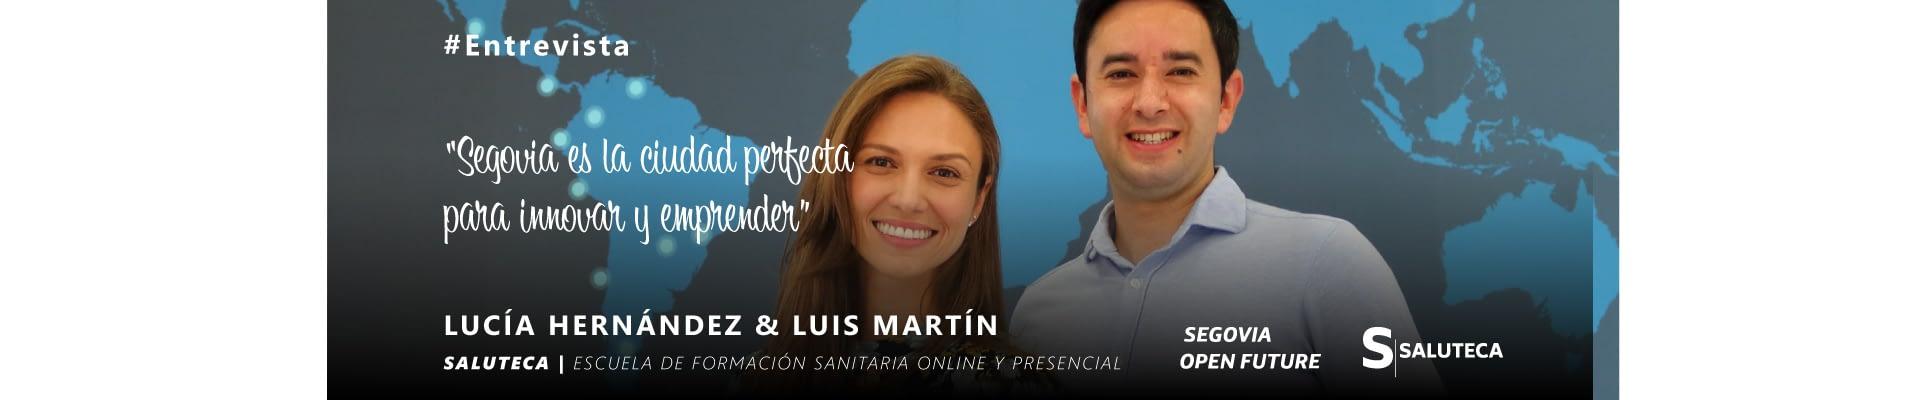 Entrevista a Lucía Hernández y Luis Martín de Saluteca